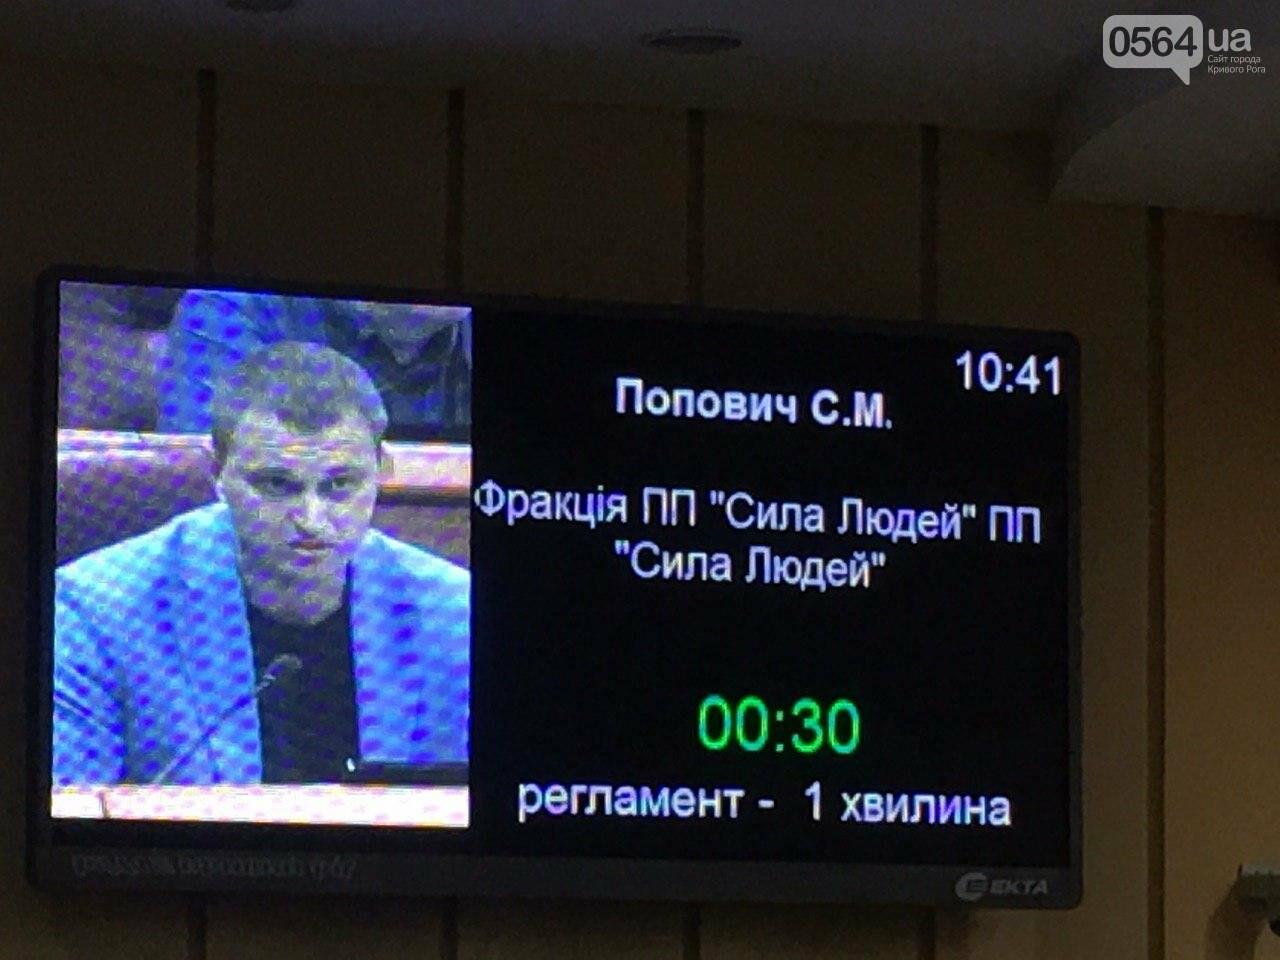 Криворожский городской совет не доверил экс-нардепу Павлову должность заместителя мэра, - ФОТО, фото-4